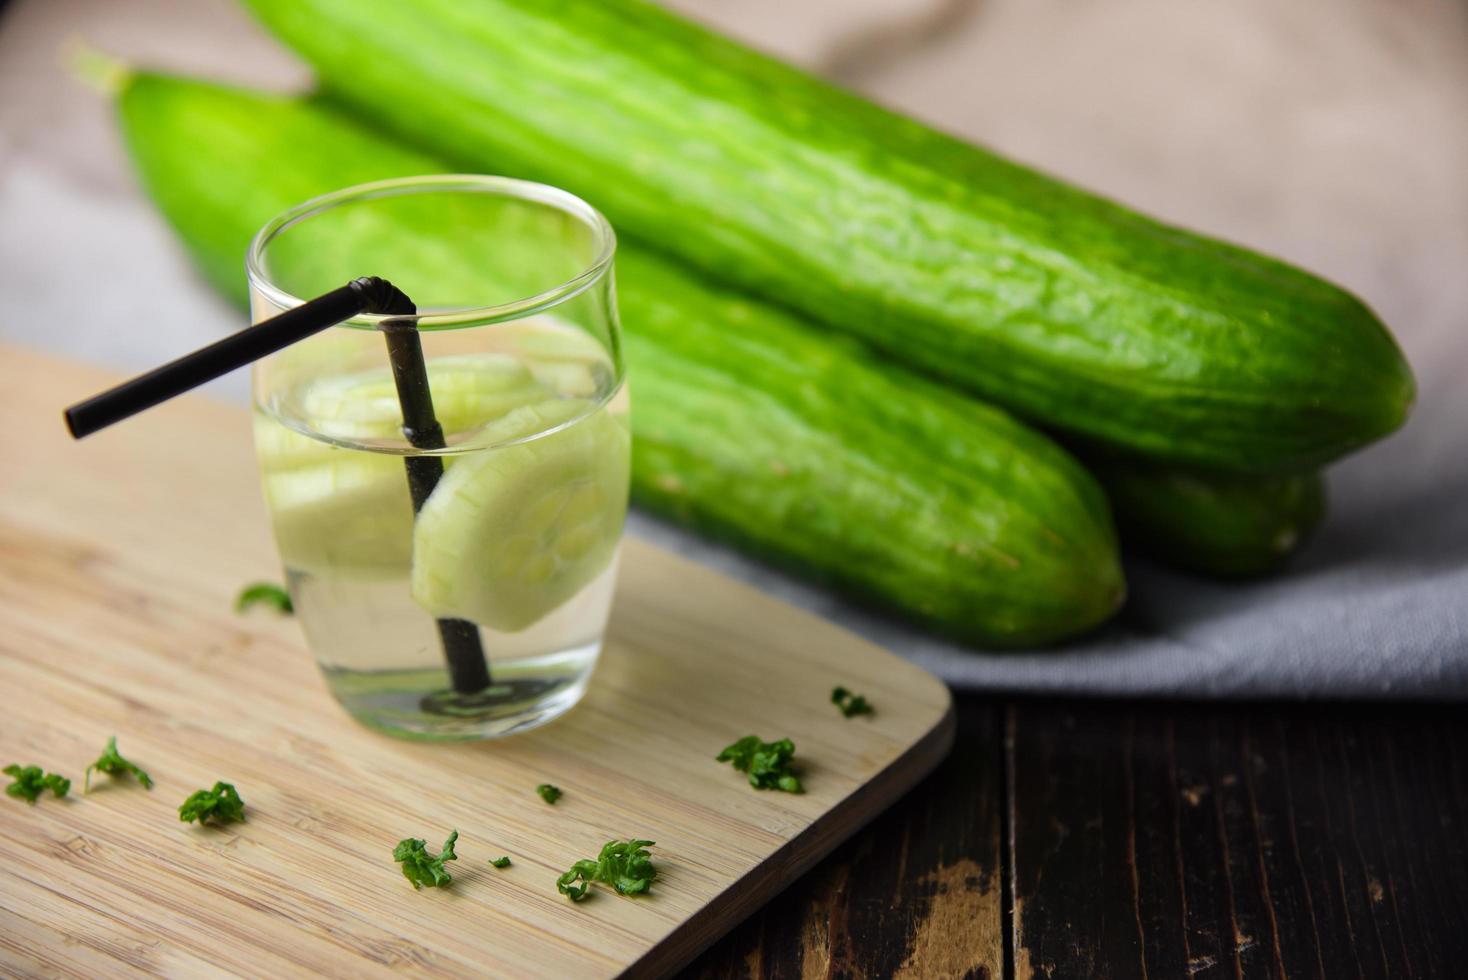 eau de concombre en verre avec des concombres photo